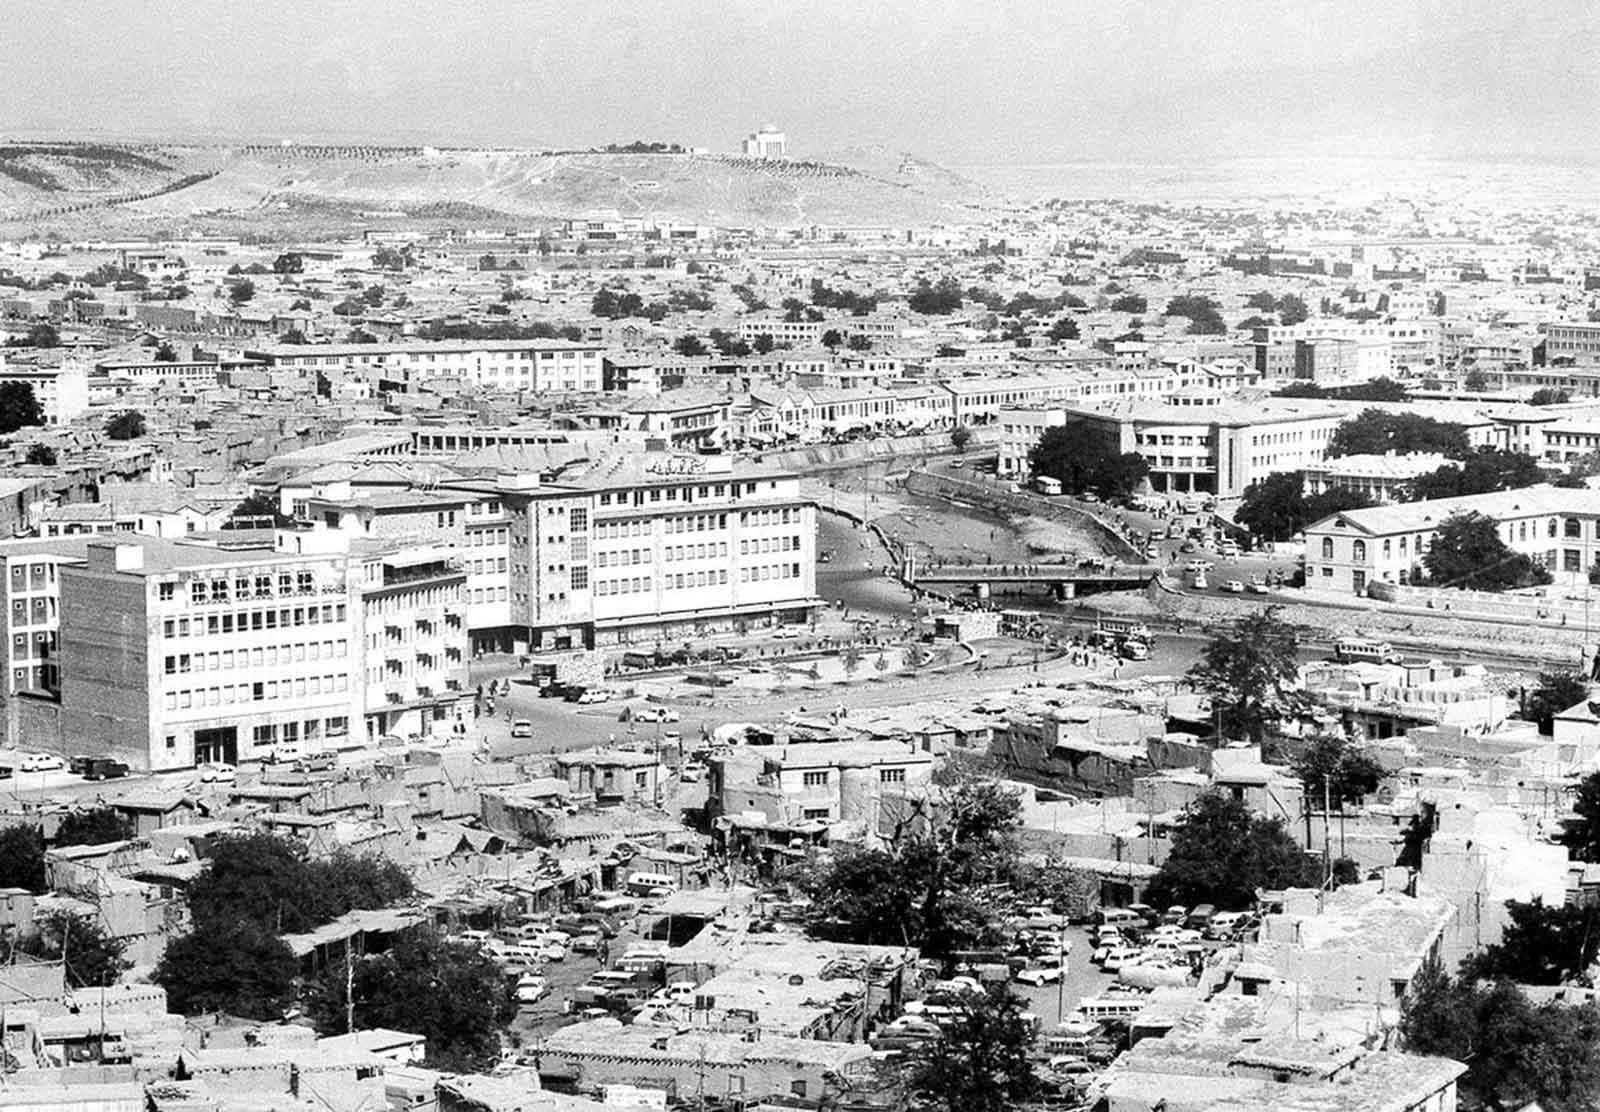 Una vista panorámica que muestra los edificios antiguos y nuevos en Kabul, en agosto de 1969. El río Kabul fluye a través de la ciudad, en el centro a la derecha. En el fondo, en la cima de la colina, se encuentra el mausoleo del fallecido rey Mohammad Nadir Shah.